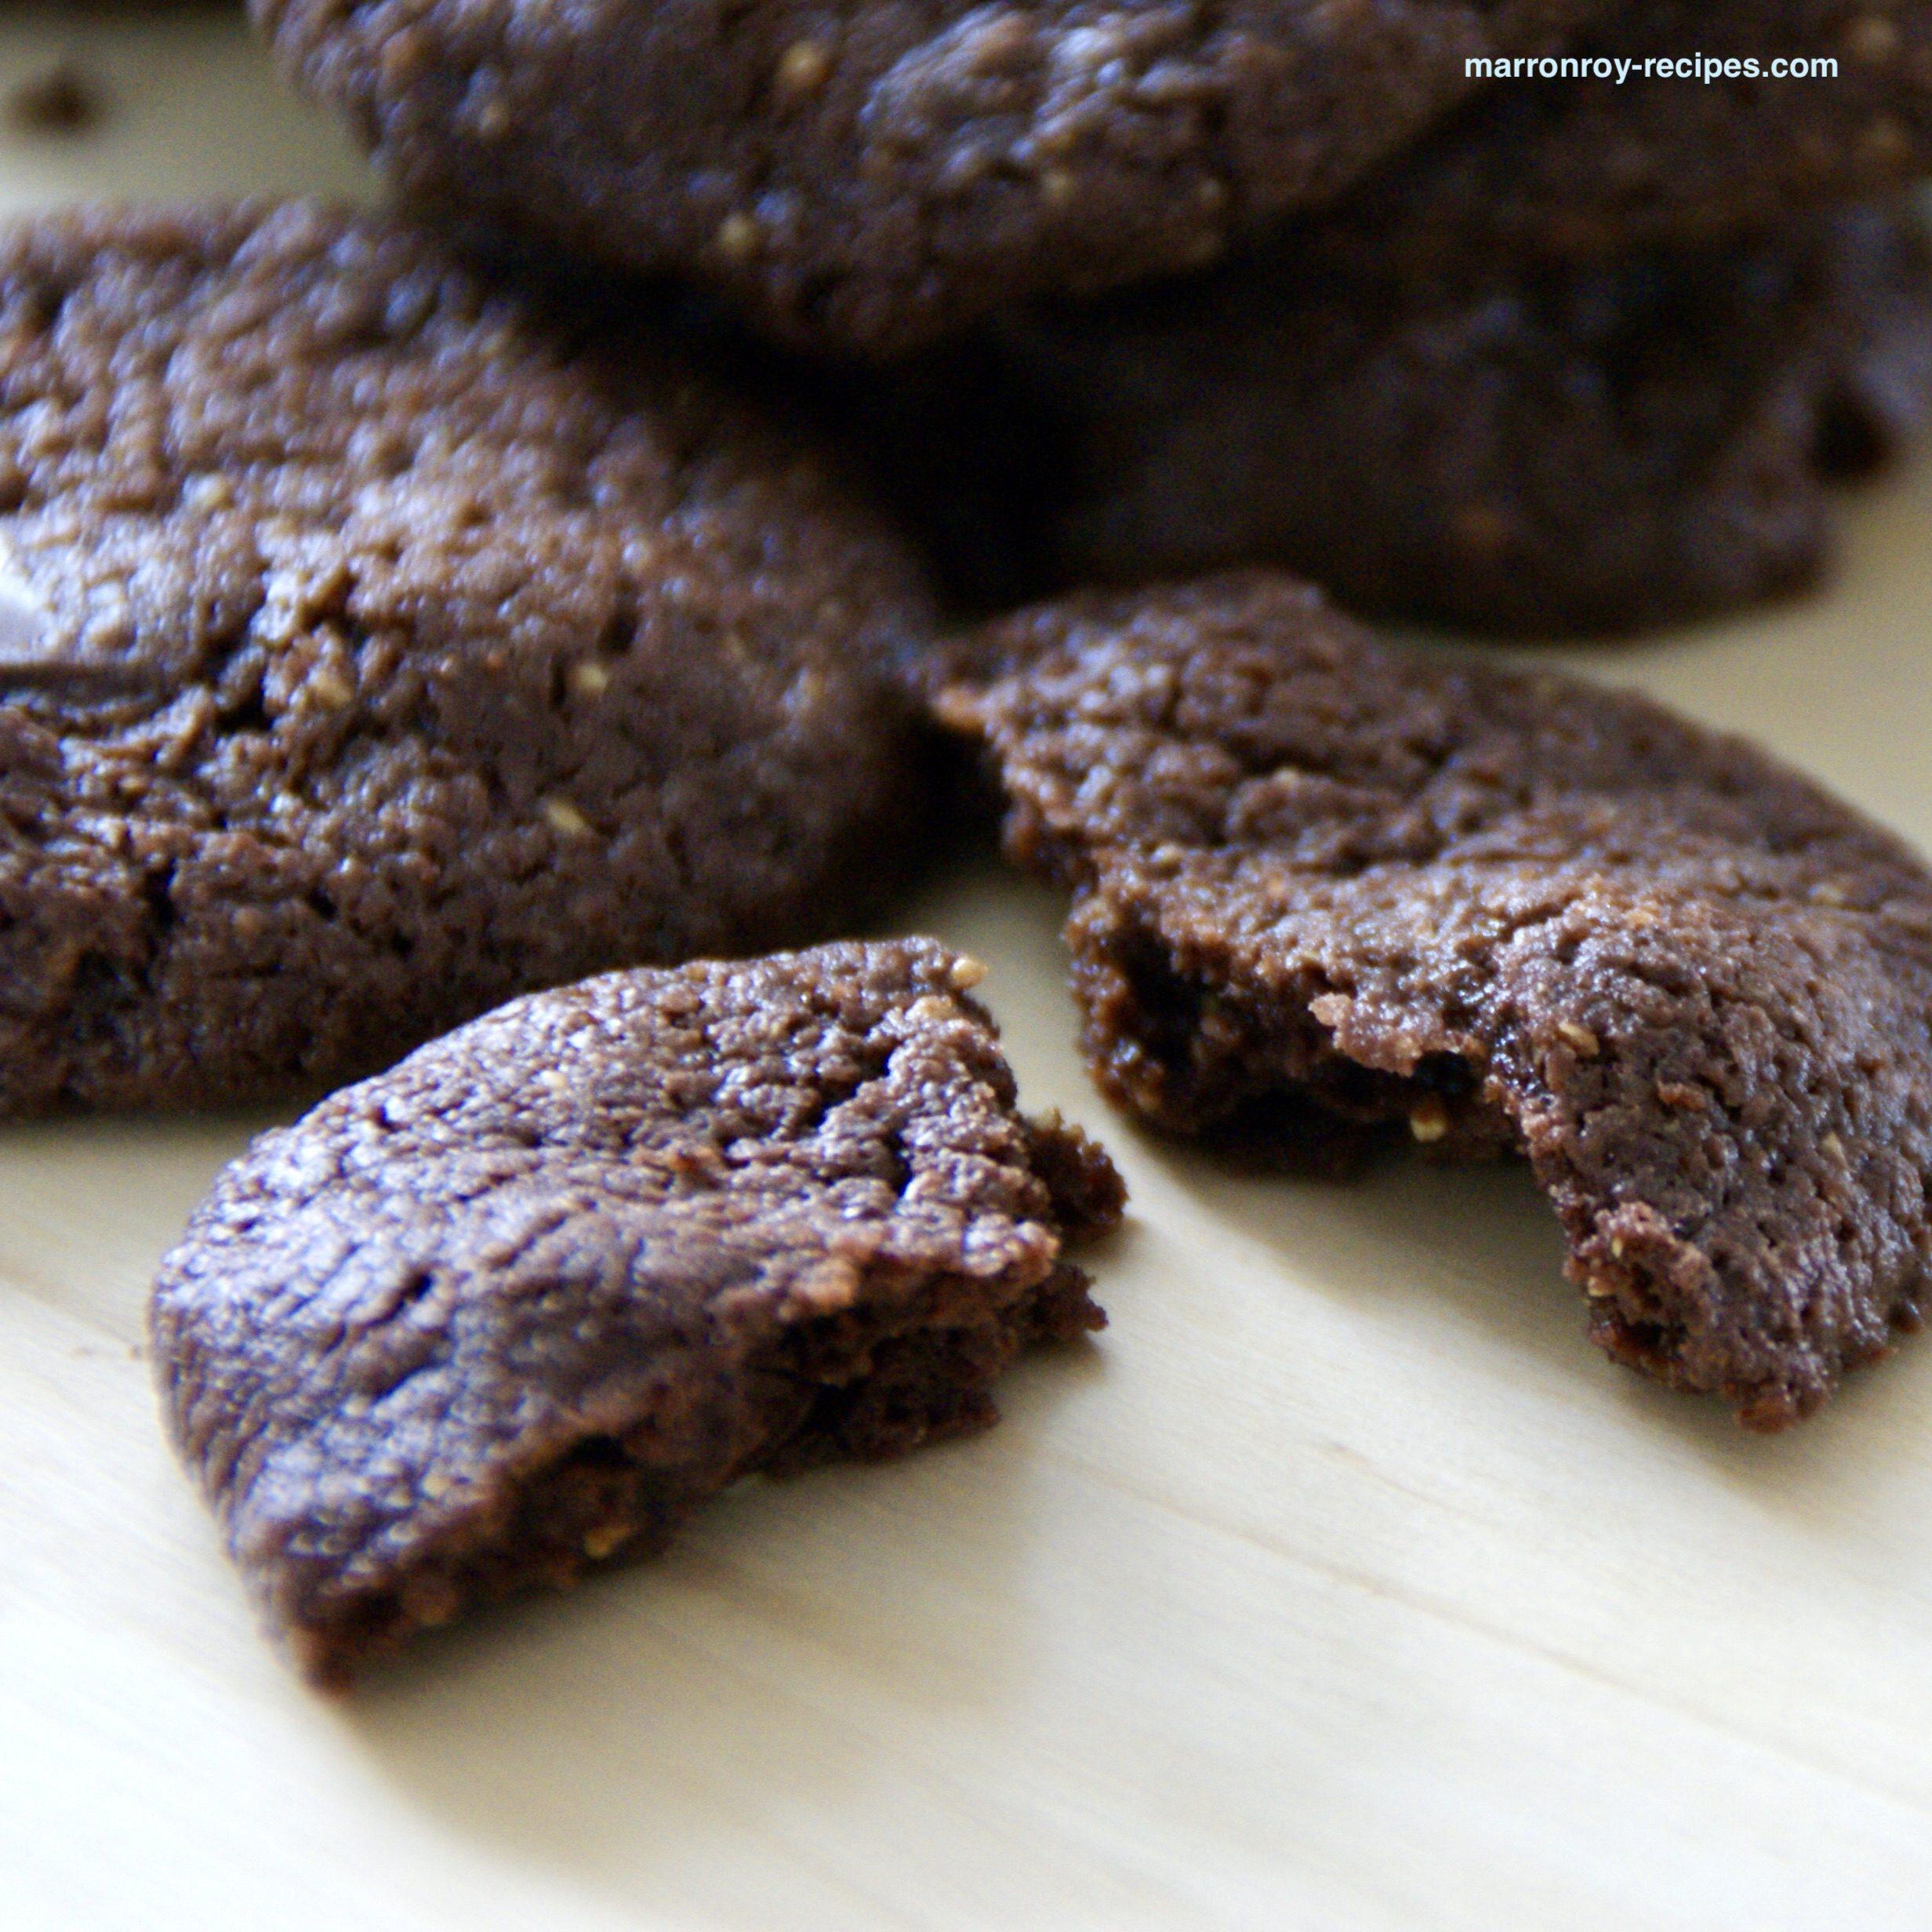 手作りクッキー作りませんか?我が家で人気のクッキーレシピランキング